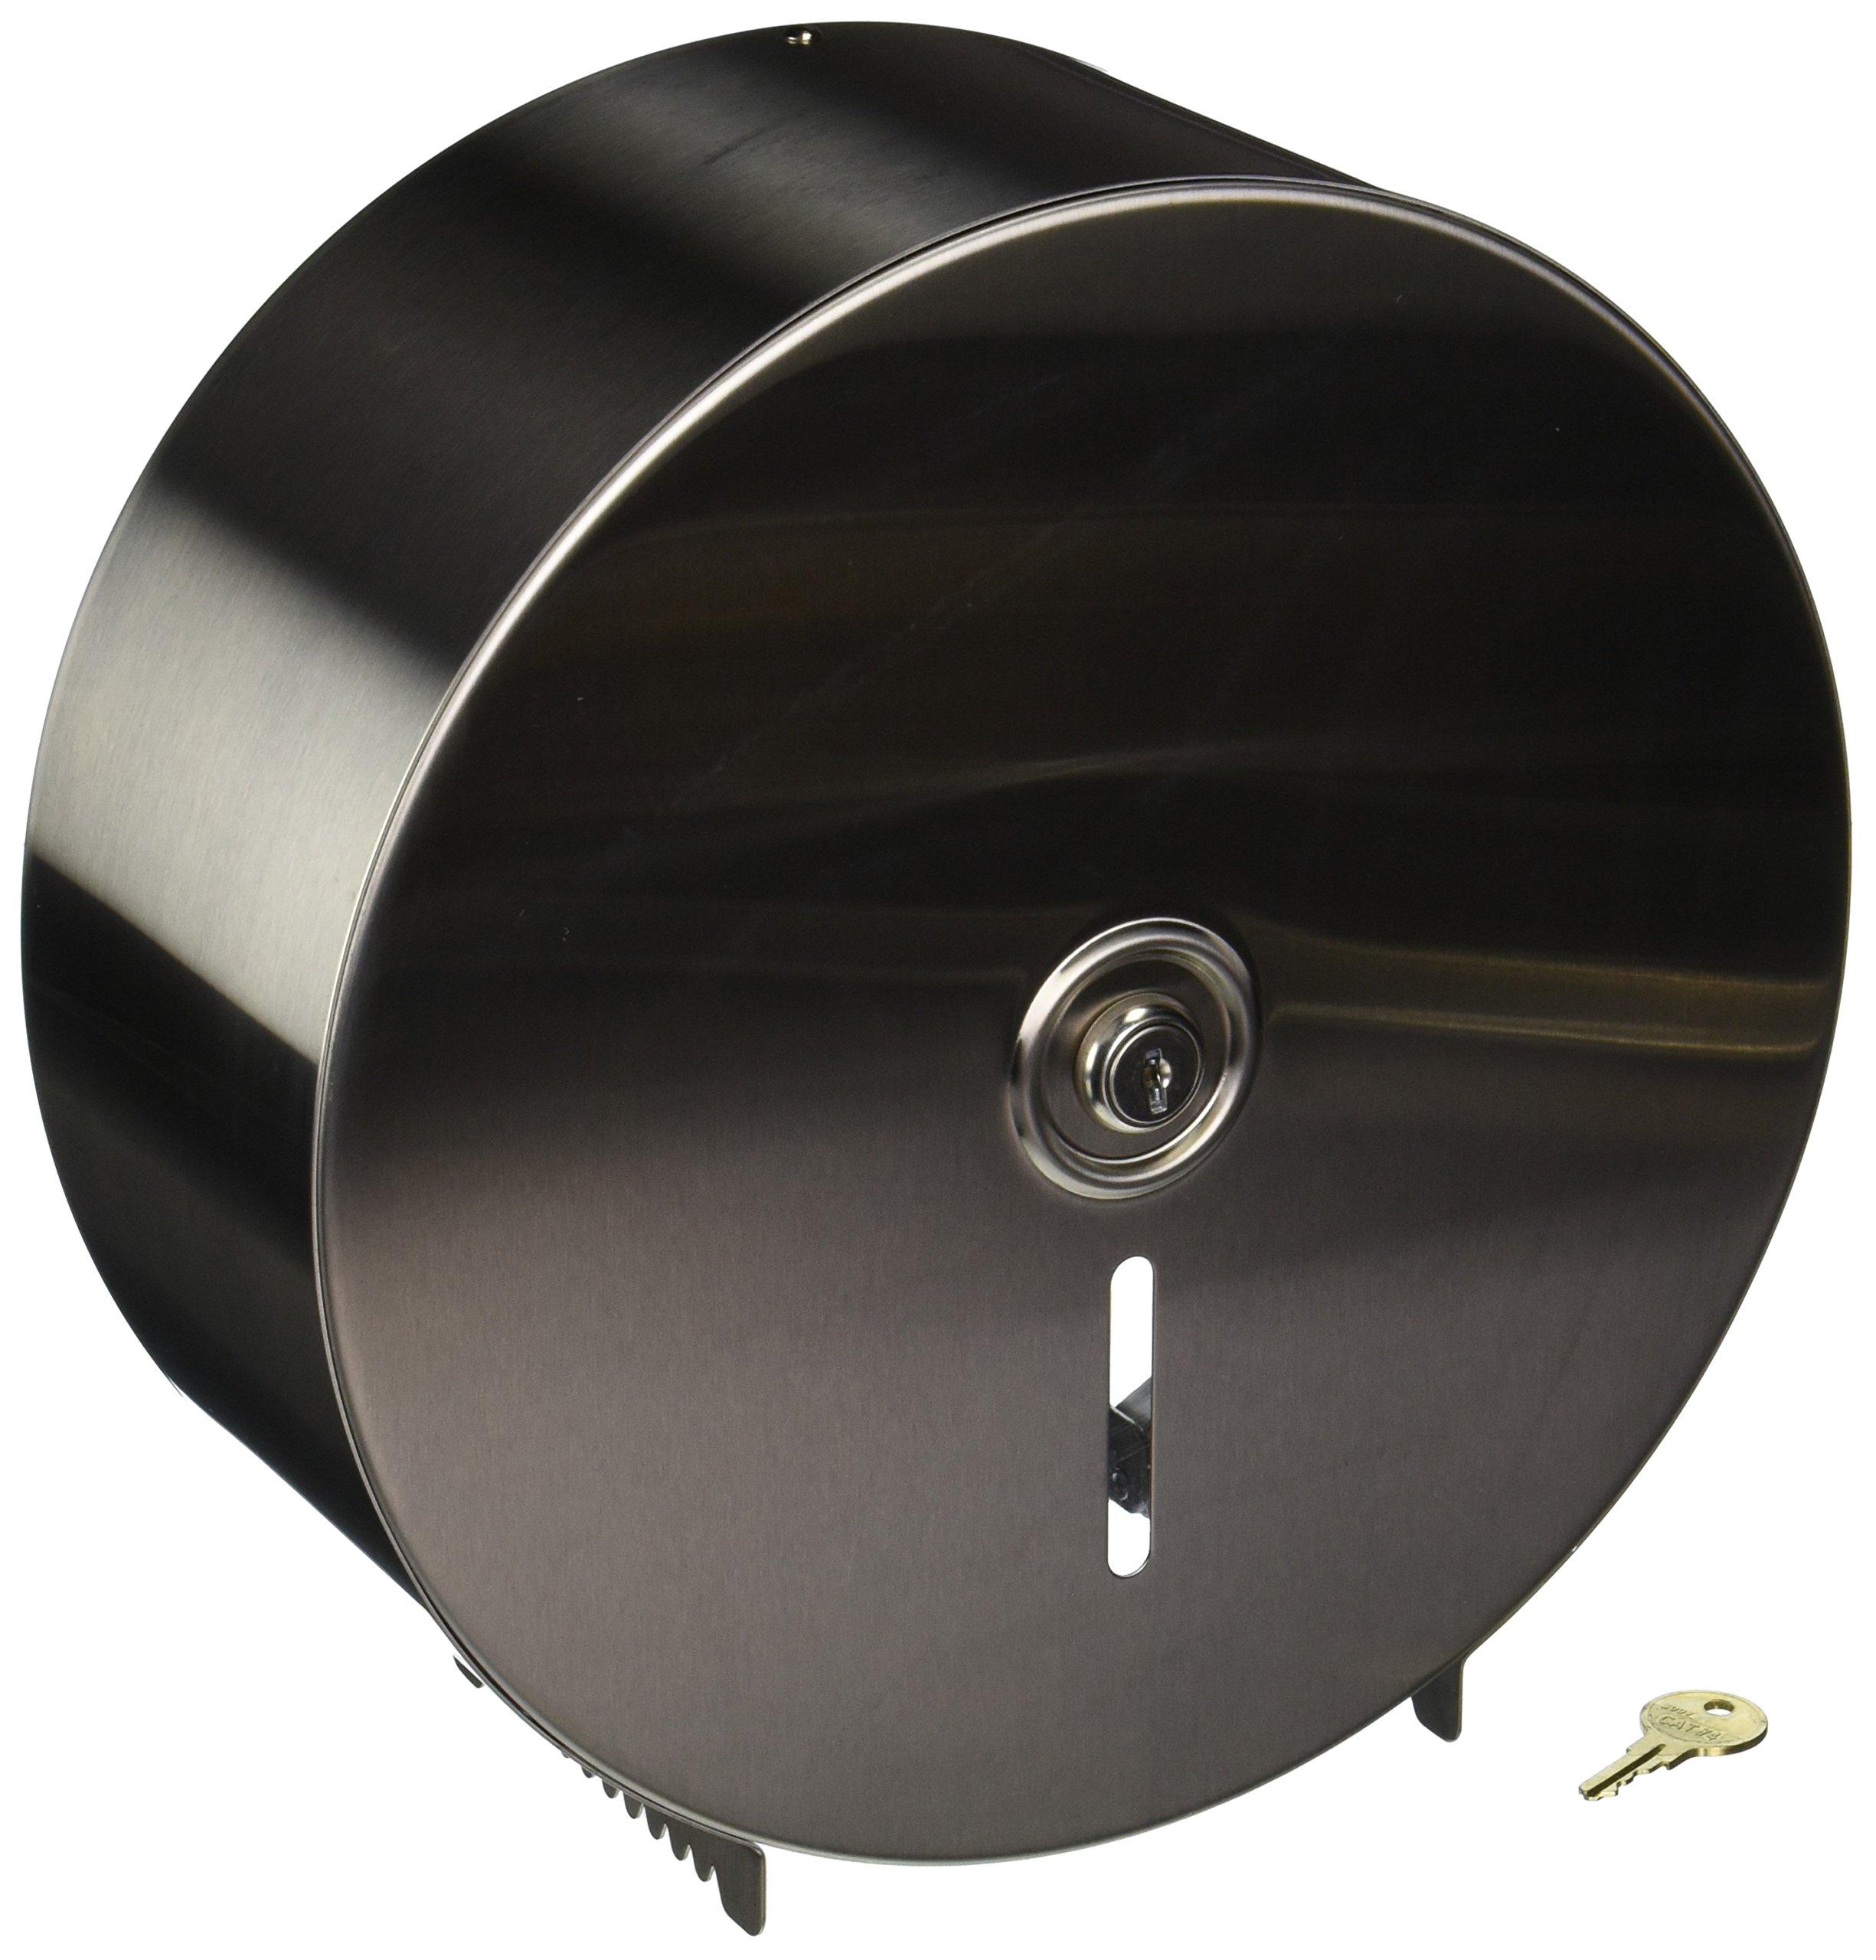 BOB2890 - Jumbo Toilet Tissue Dispenser